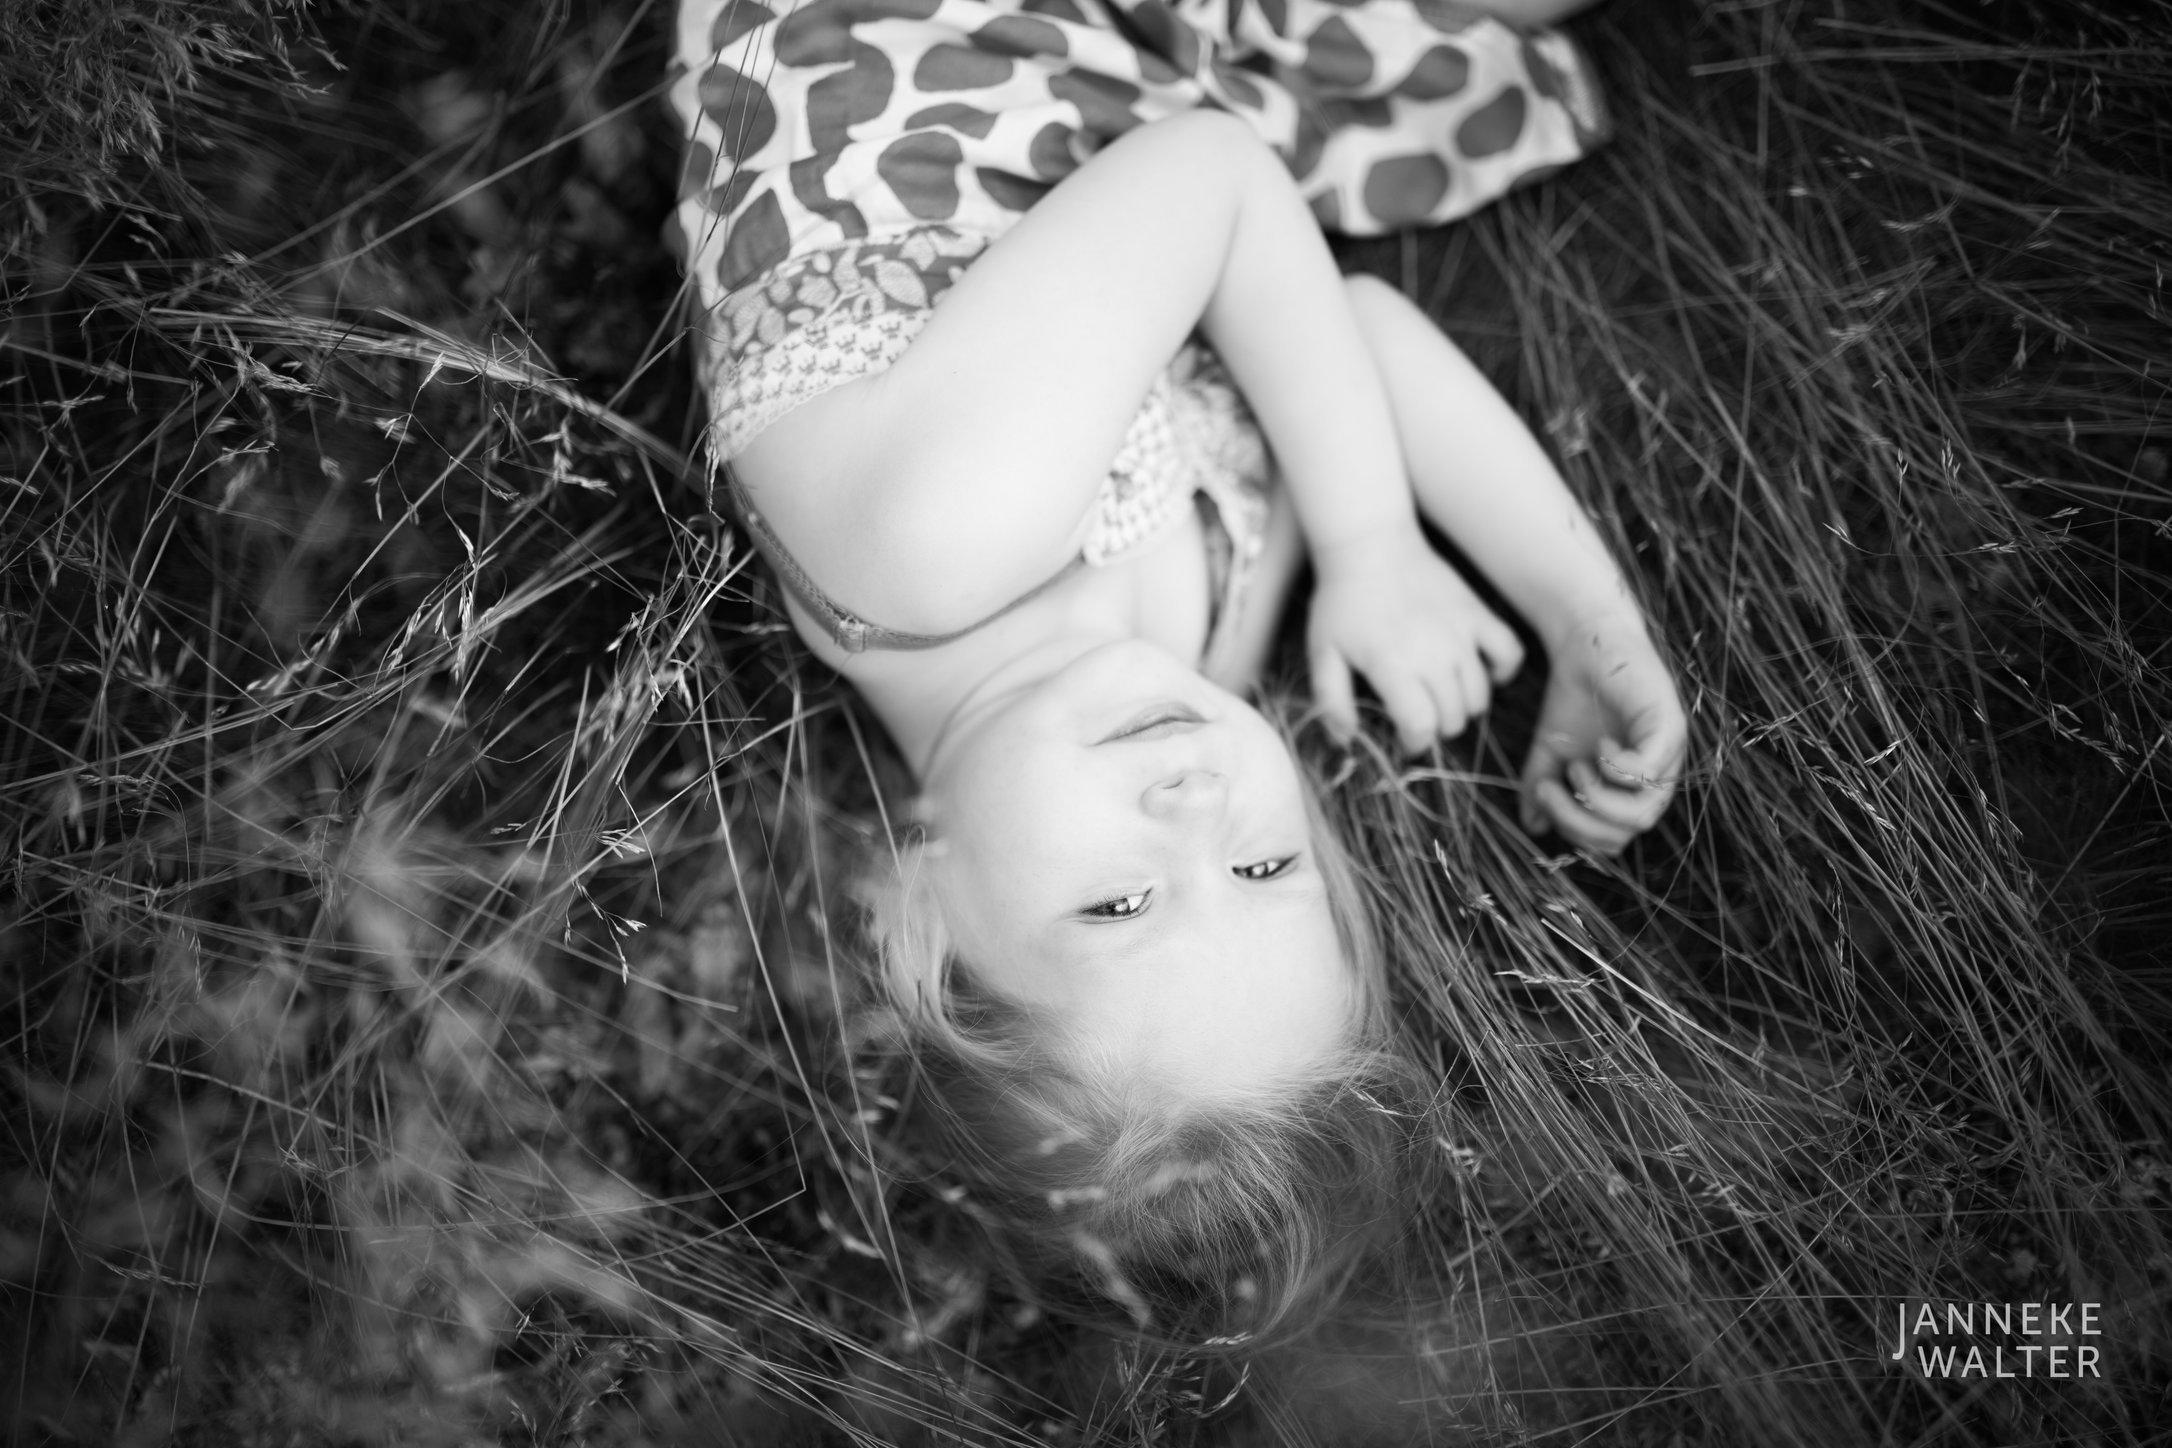 Portretfoto kind in hoog gras @ Janneke Walter, kinderfotograaf Utrecht De Bilt, kinderfotografie, kinderfotografie, kinderportret